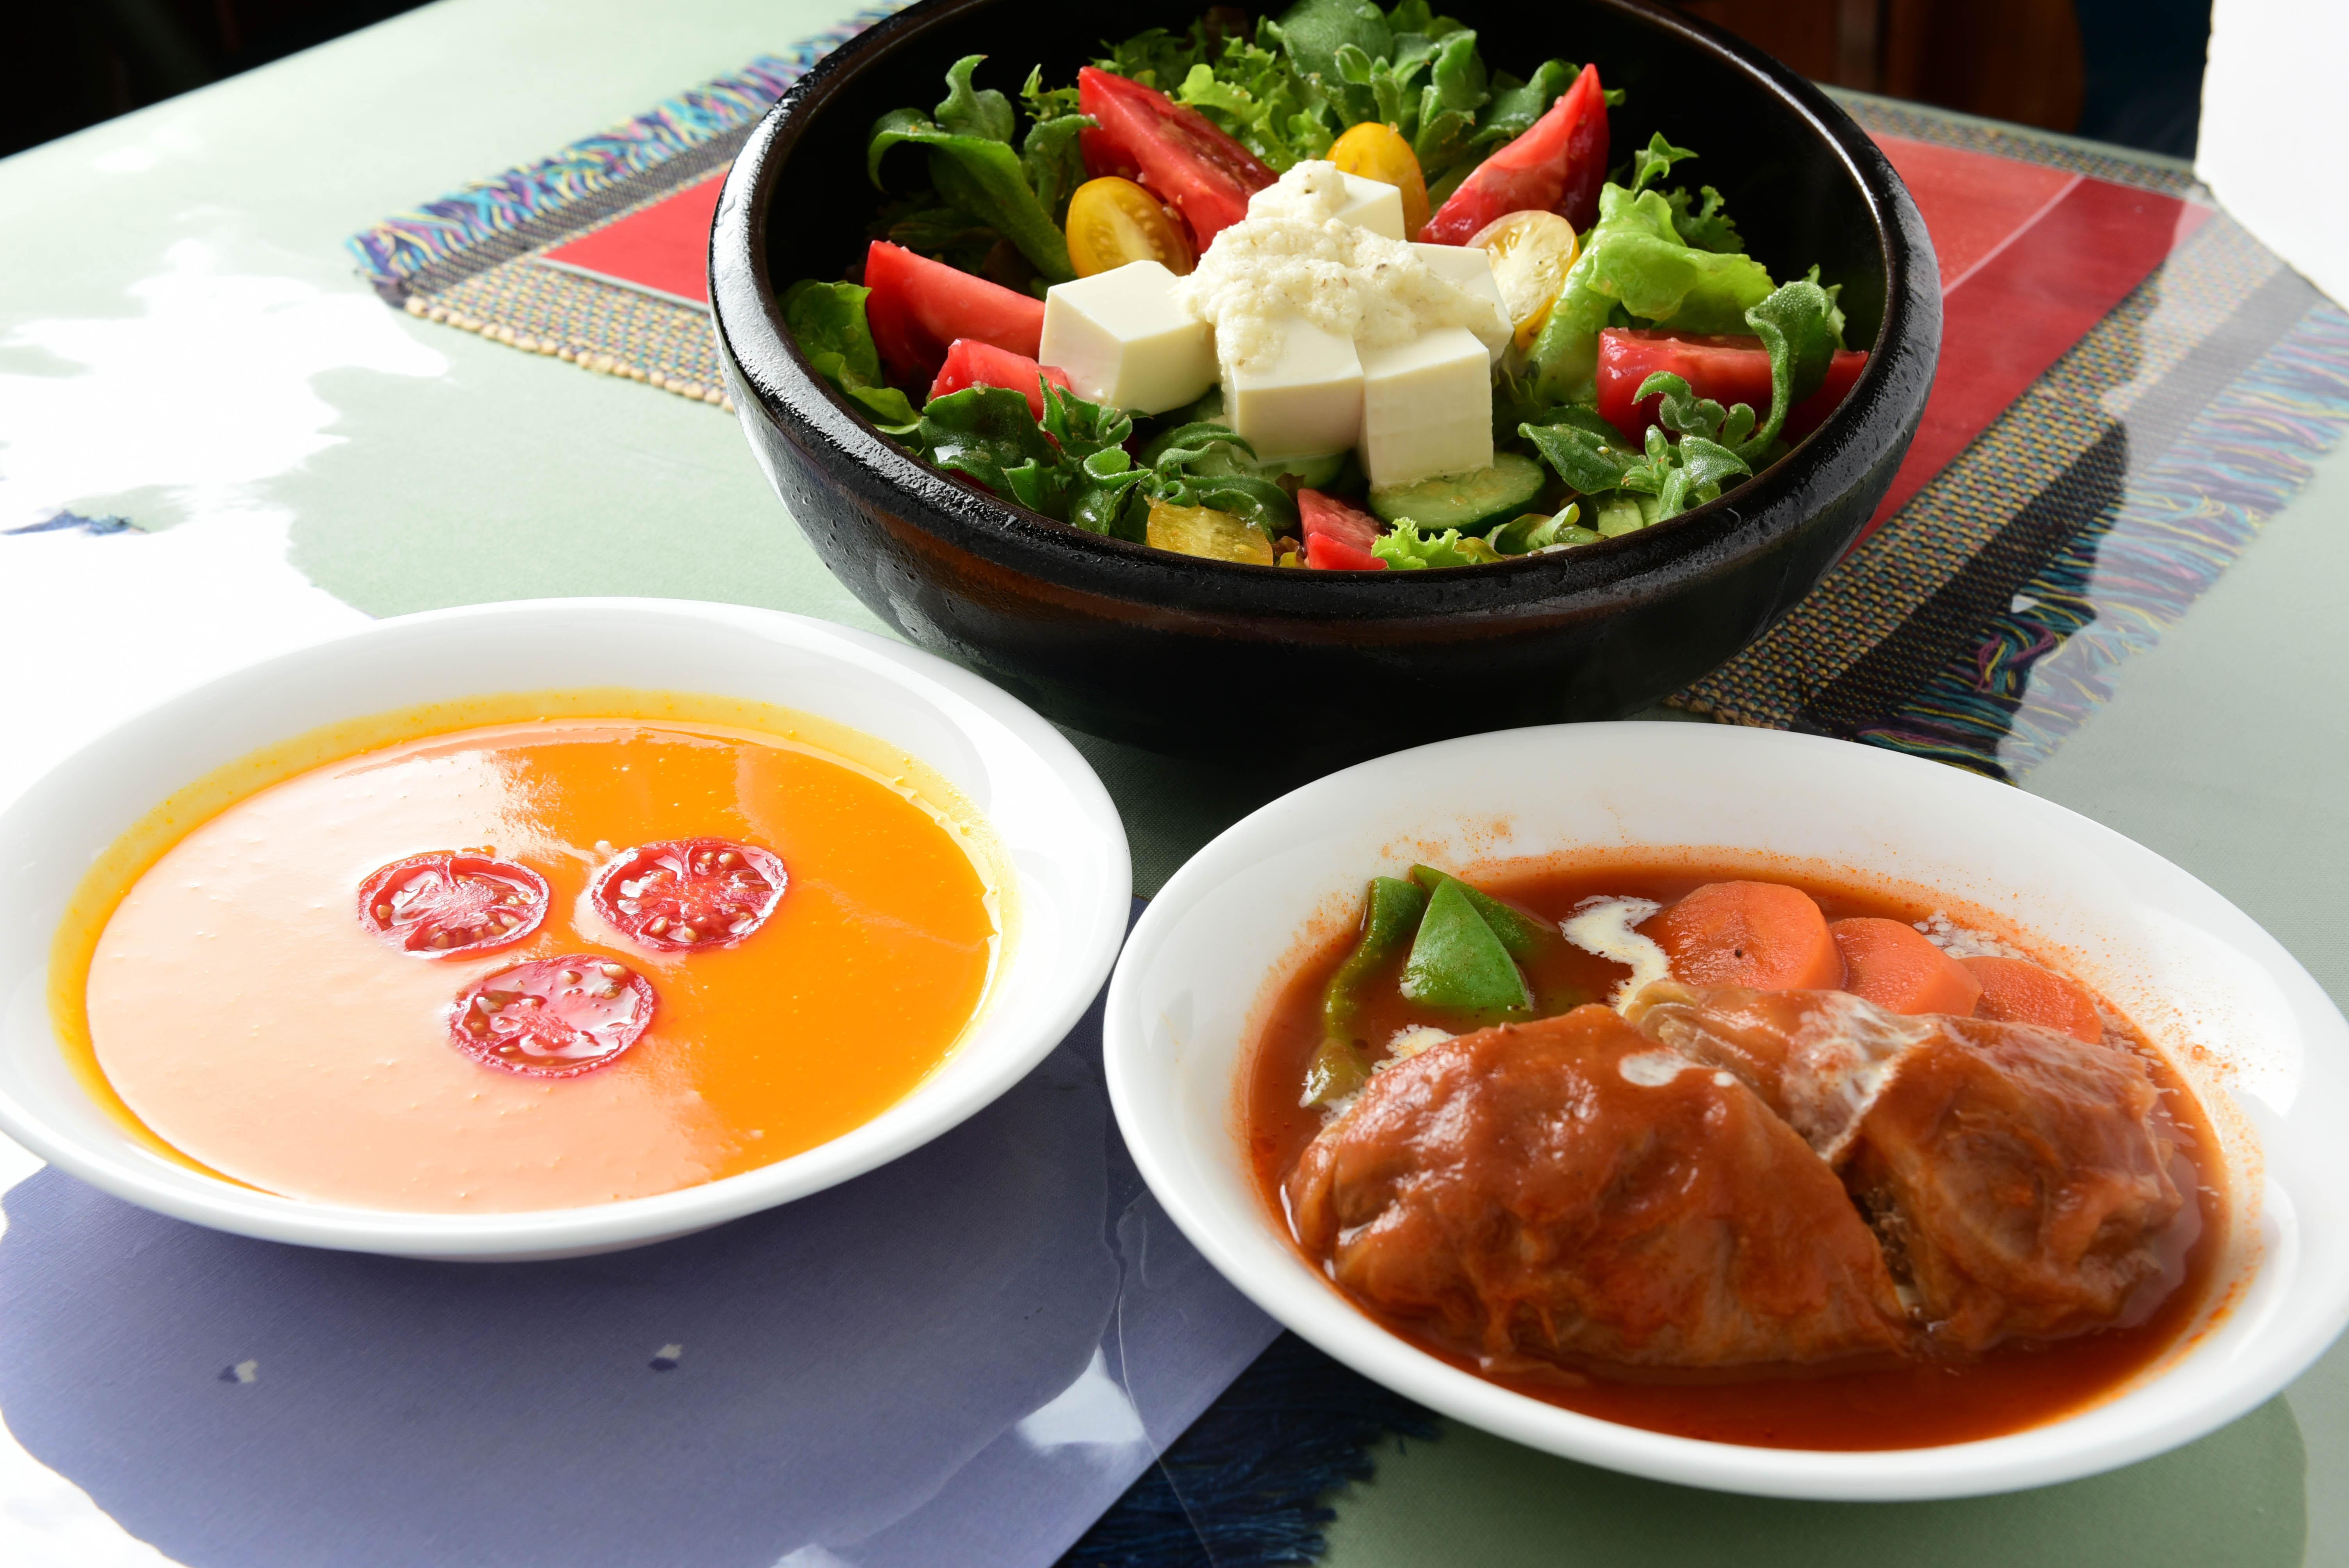 ランチ ロールキャベツ/ホットサンド/スープ/サラダ